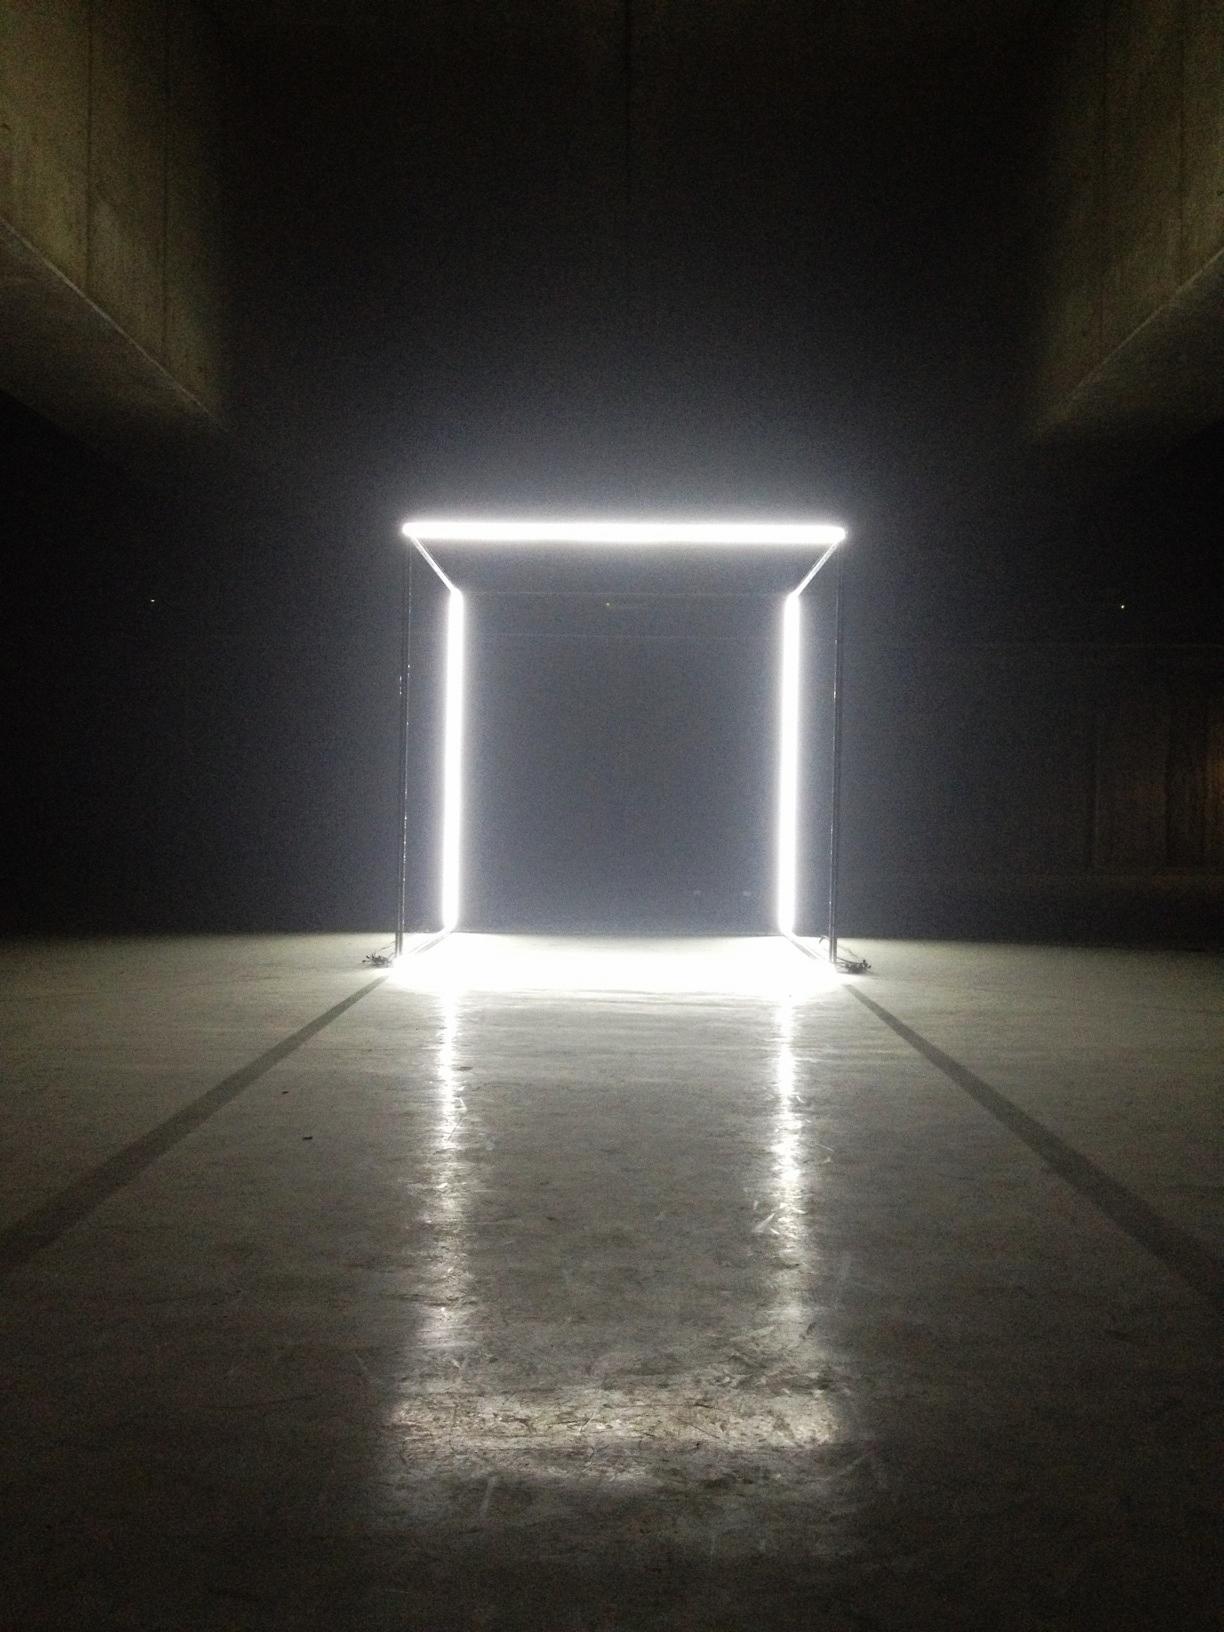 kube3.jpg